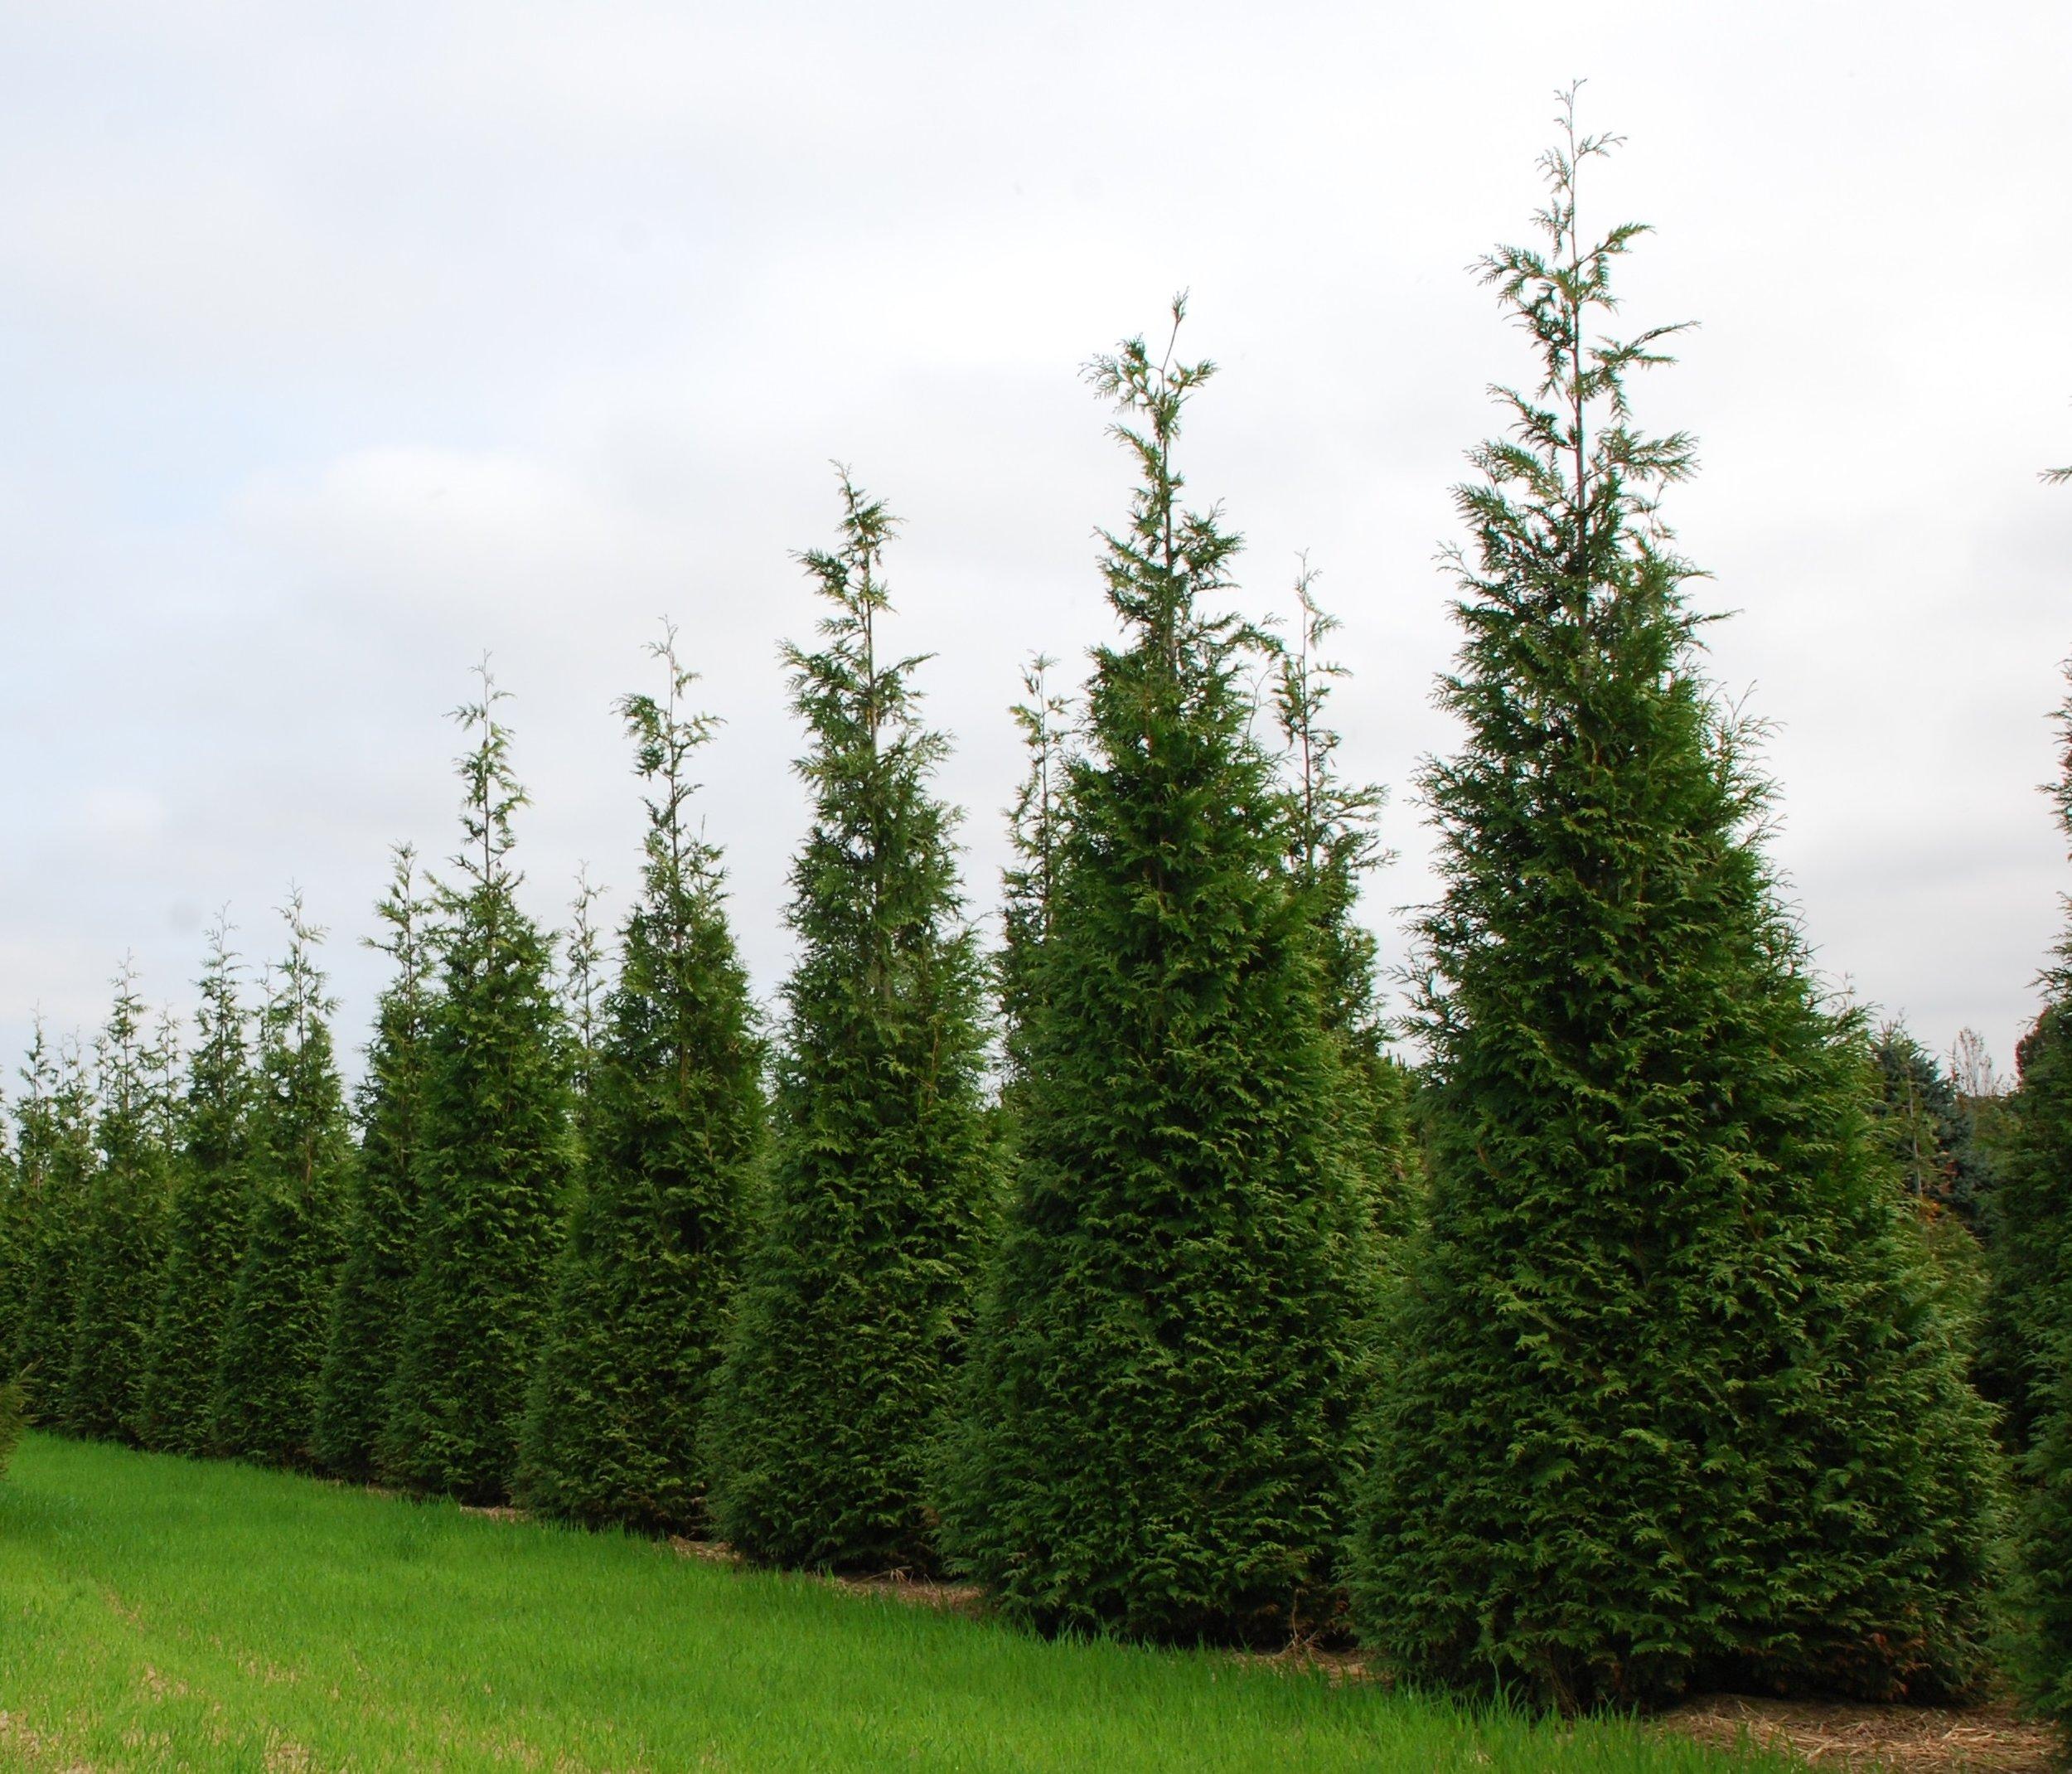 Green Giant Arborvitae - Call for details